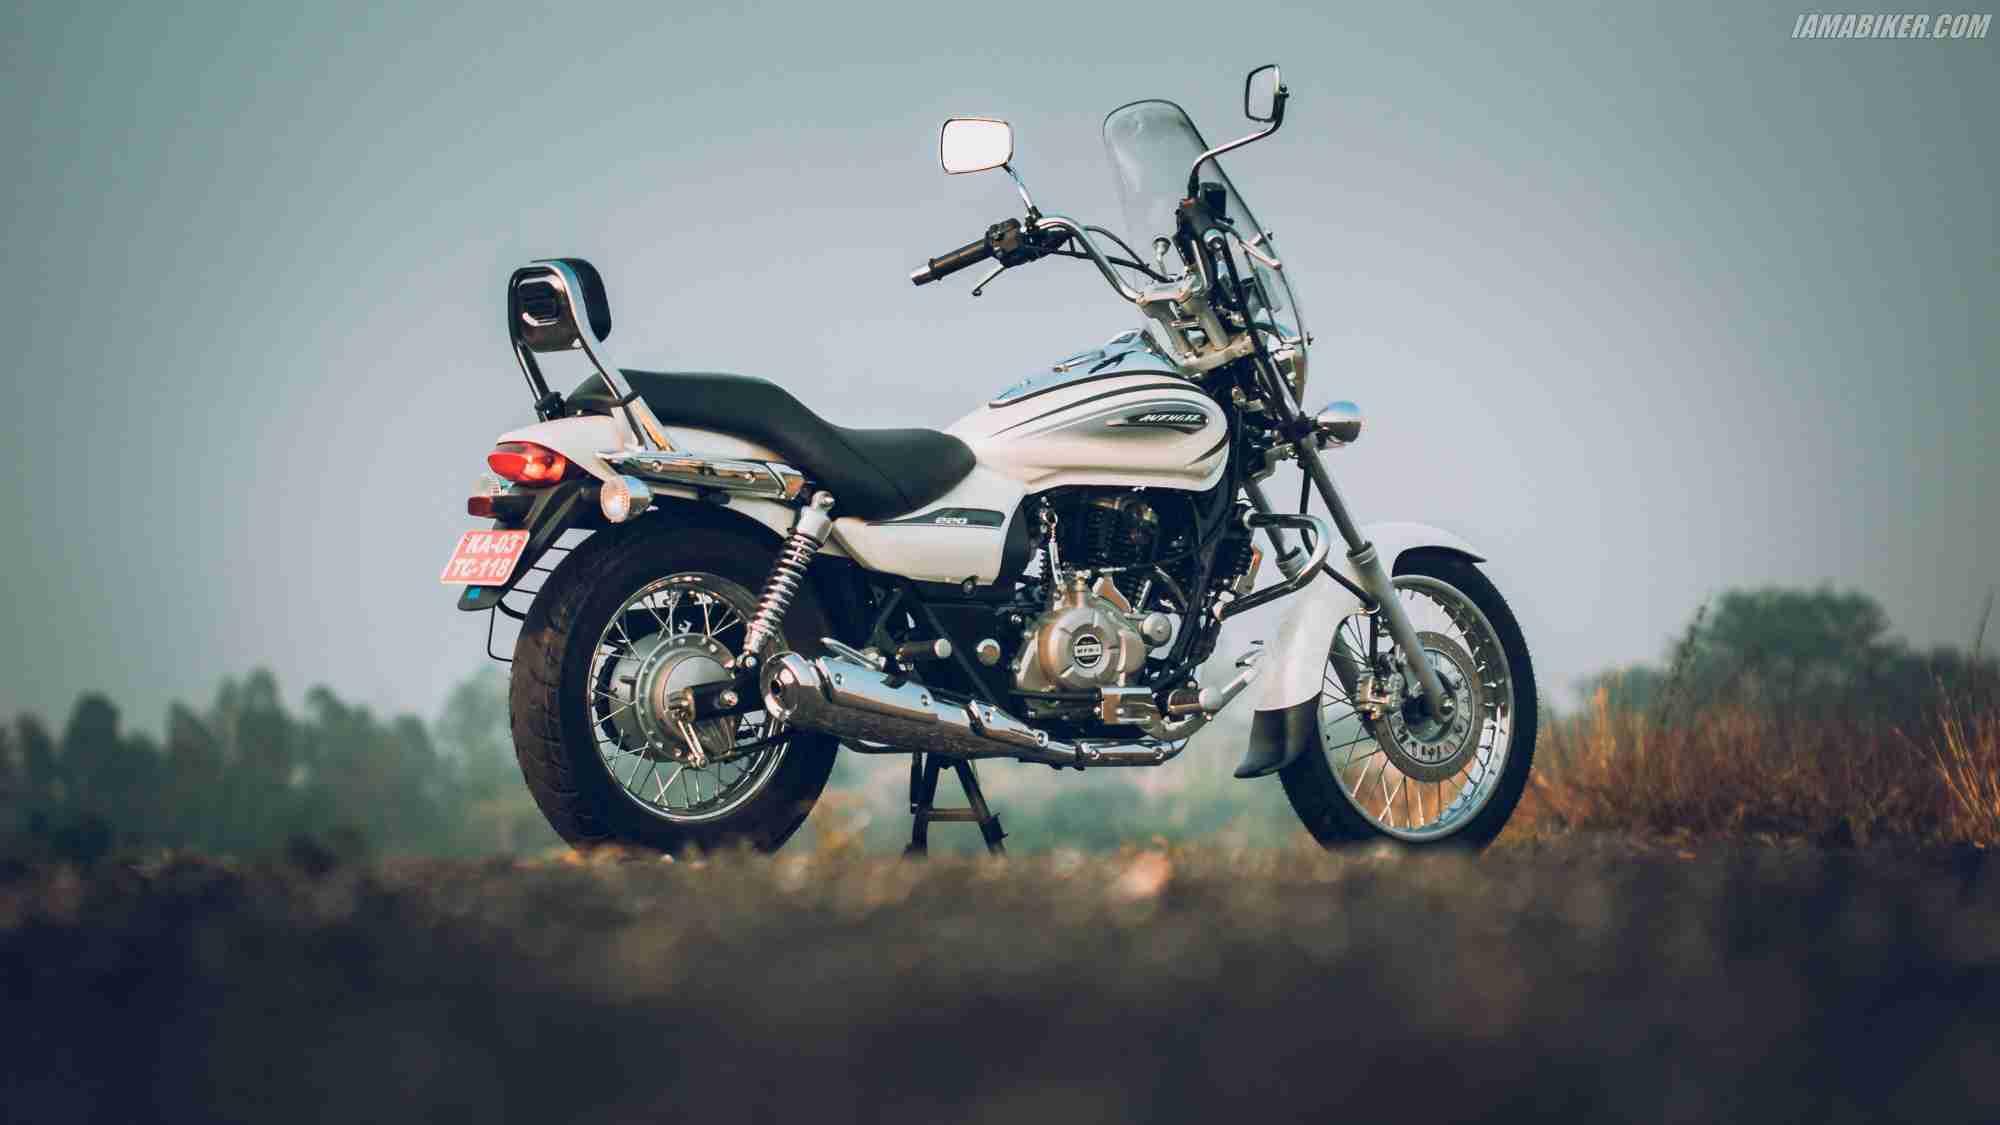 Bajaj Avenger Cruise 220 Hd Wallpapers Iamabiker Everything Motorcycle